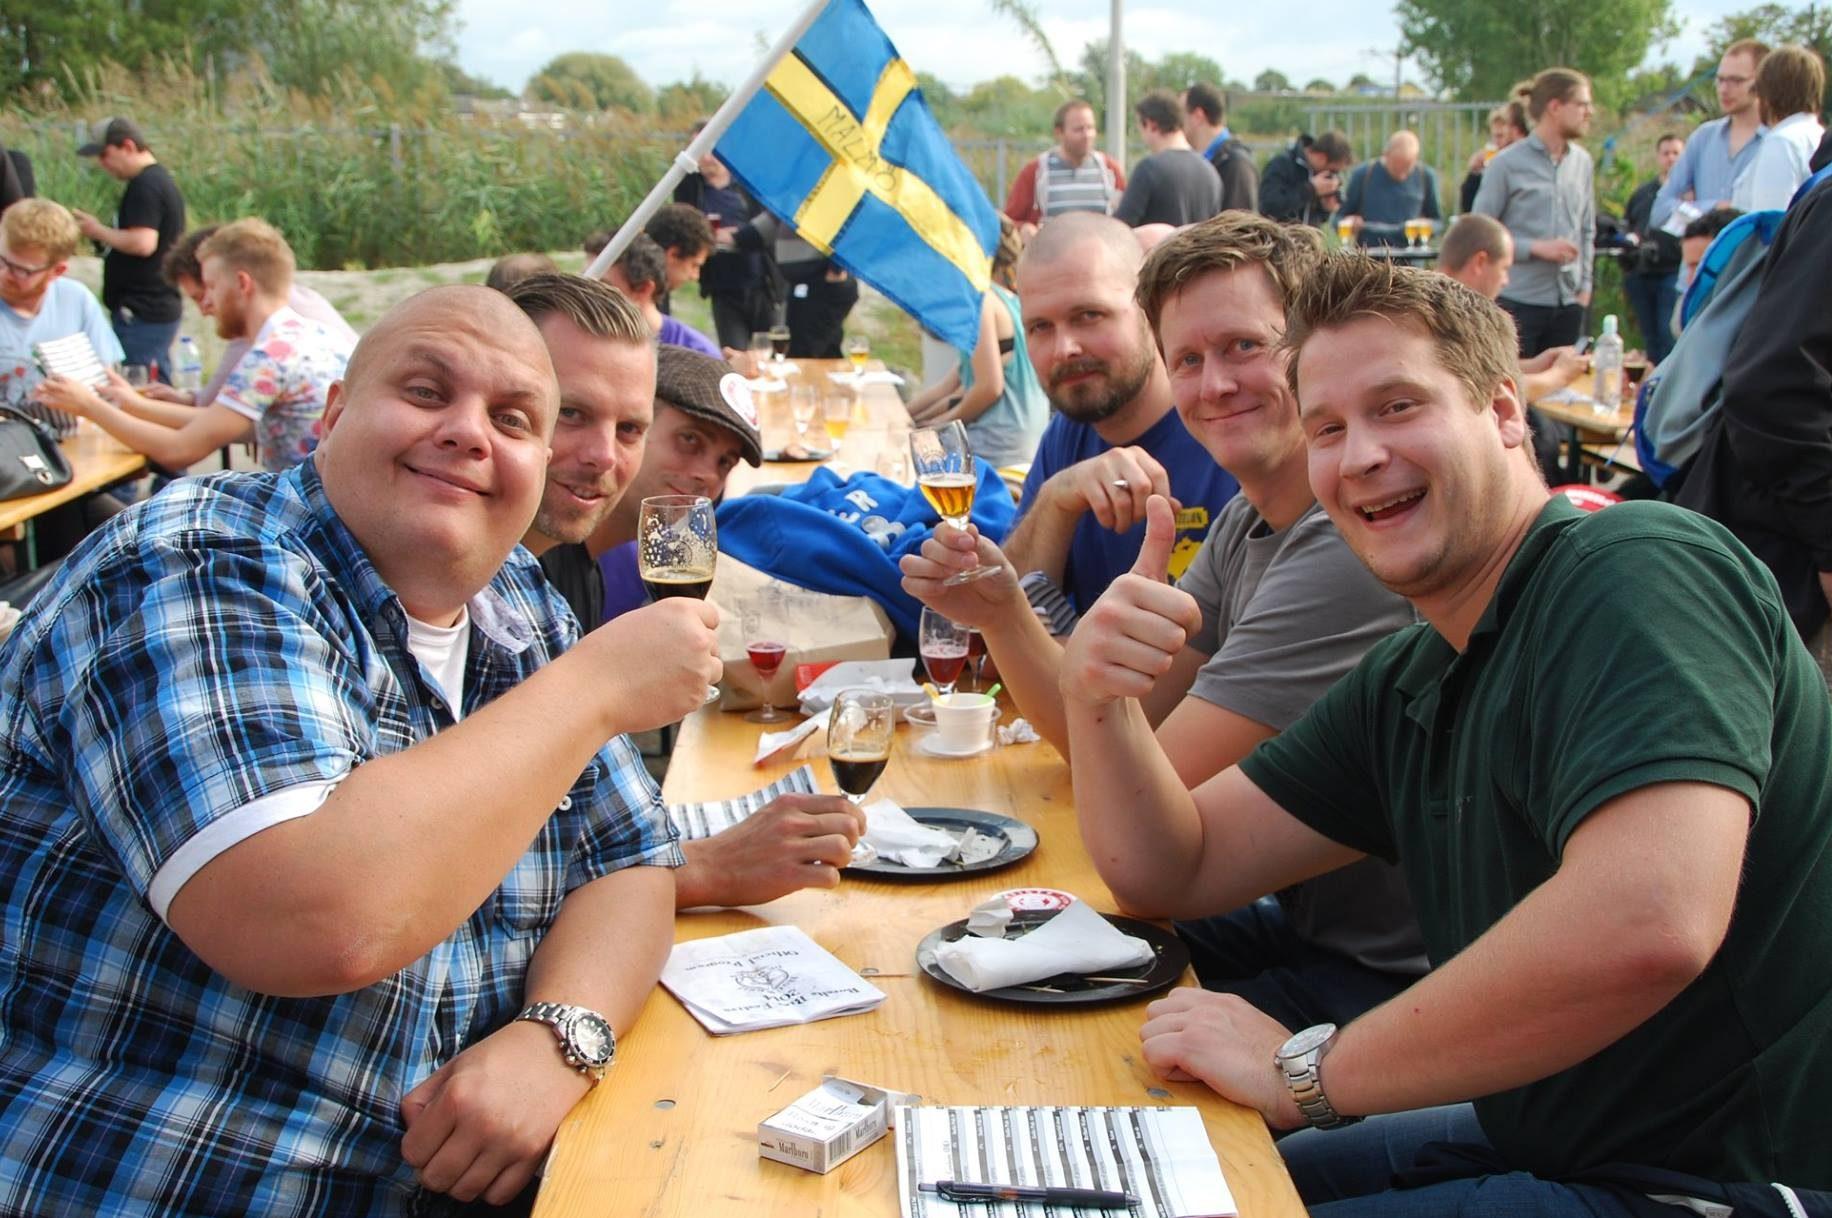 BOREFTS event festivalgangers